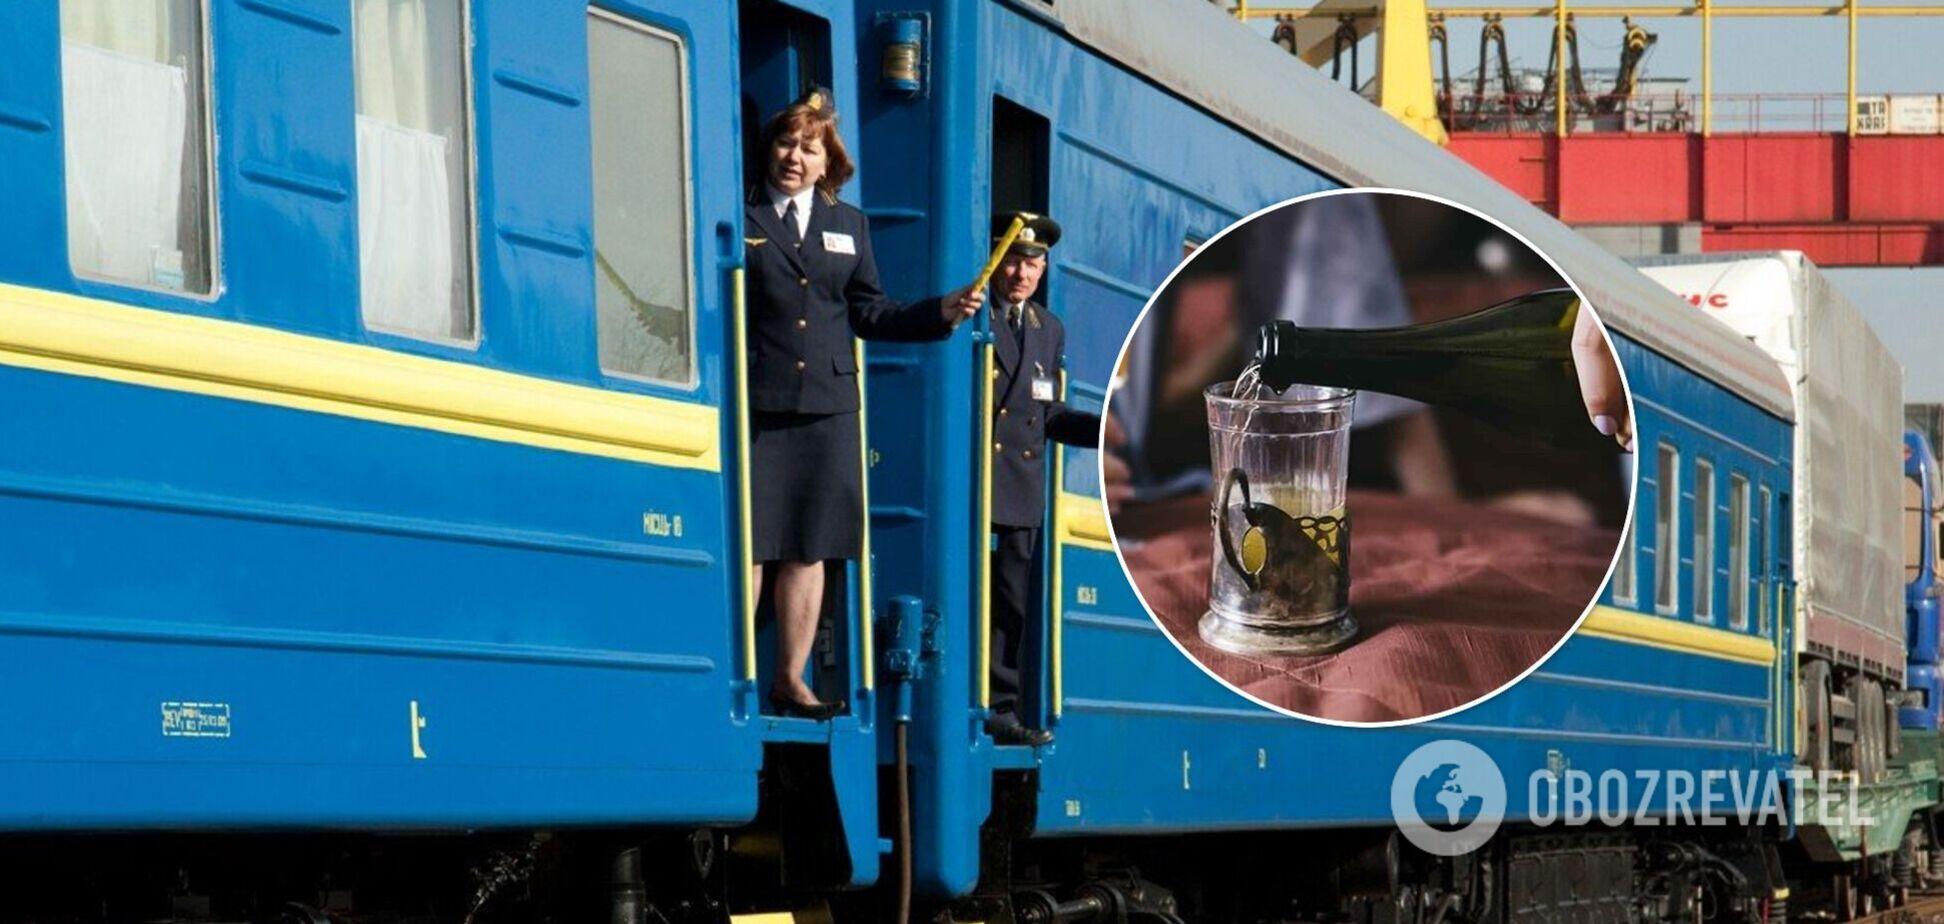 Чоловік погрожував, провідниця не поспішала на допомогу: українка поскаржилася на інцидент у поїзді 'Укрзалізниці'